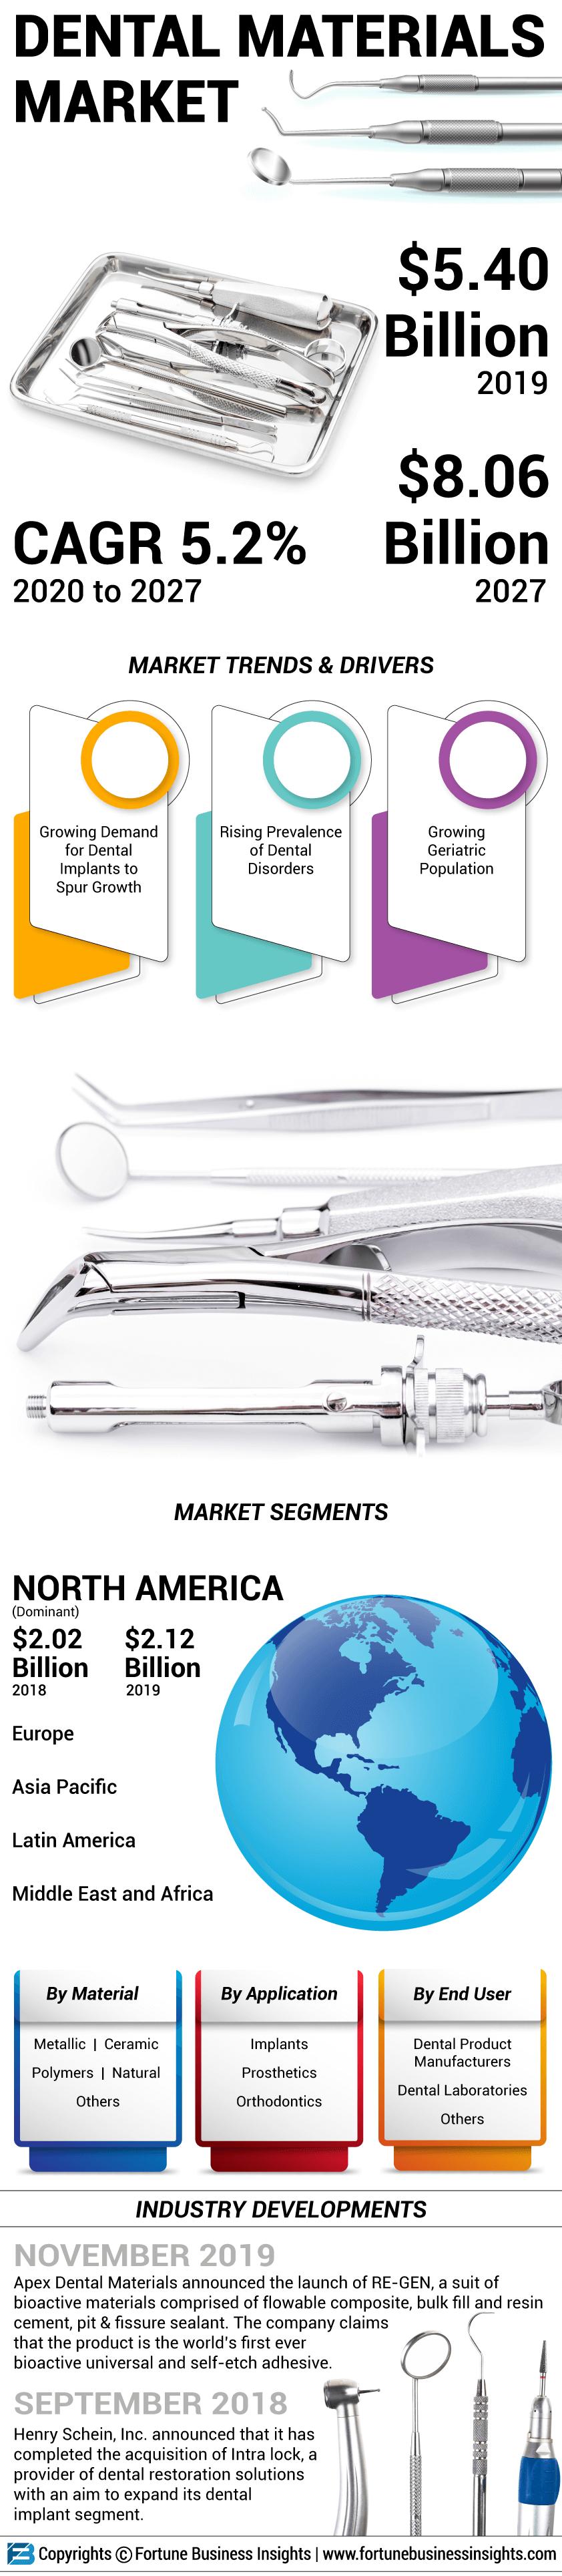 Dental Materials Market